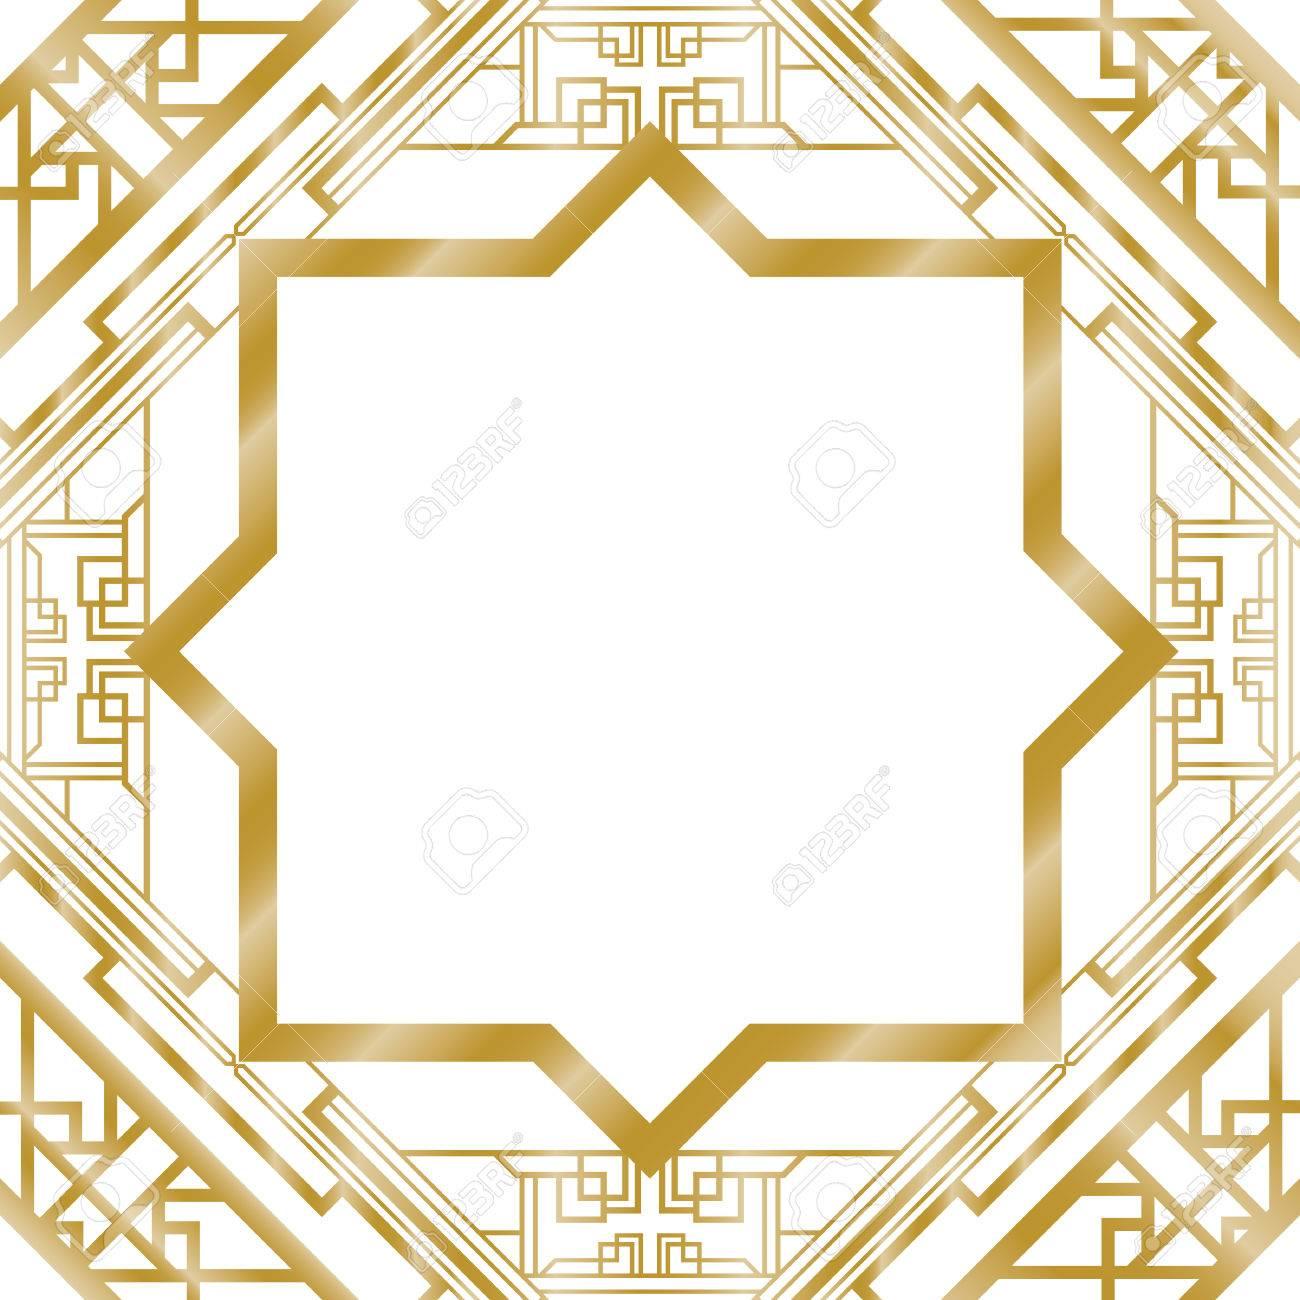 art deco abstract background royalty free cliparts vectors and rh 123rf com art deco vector borders art deco vector frames